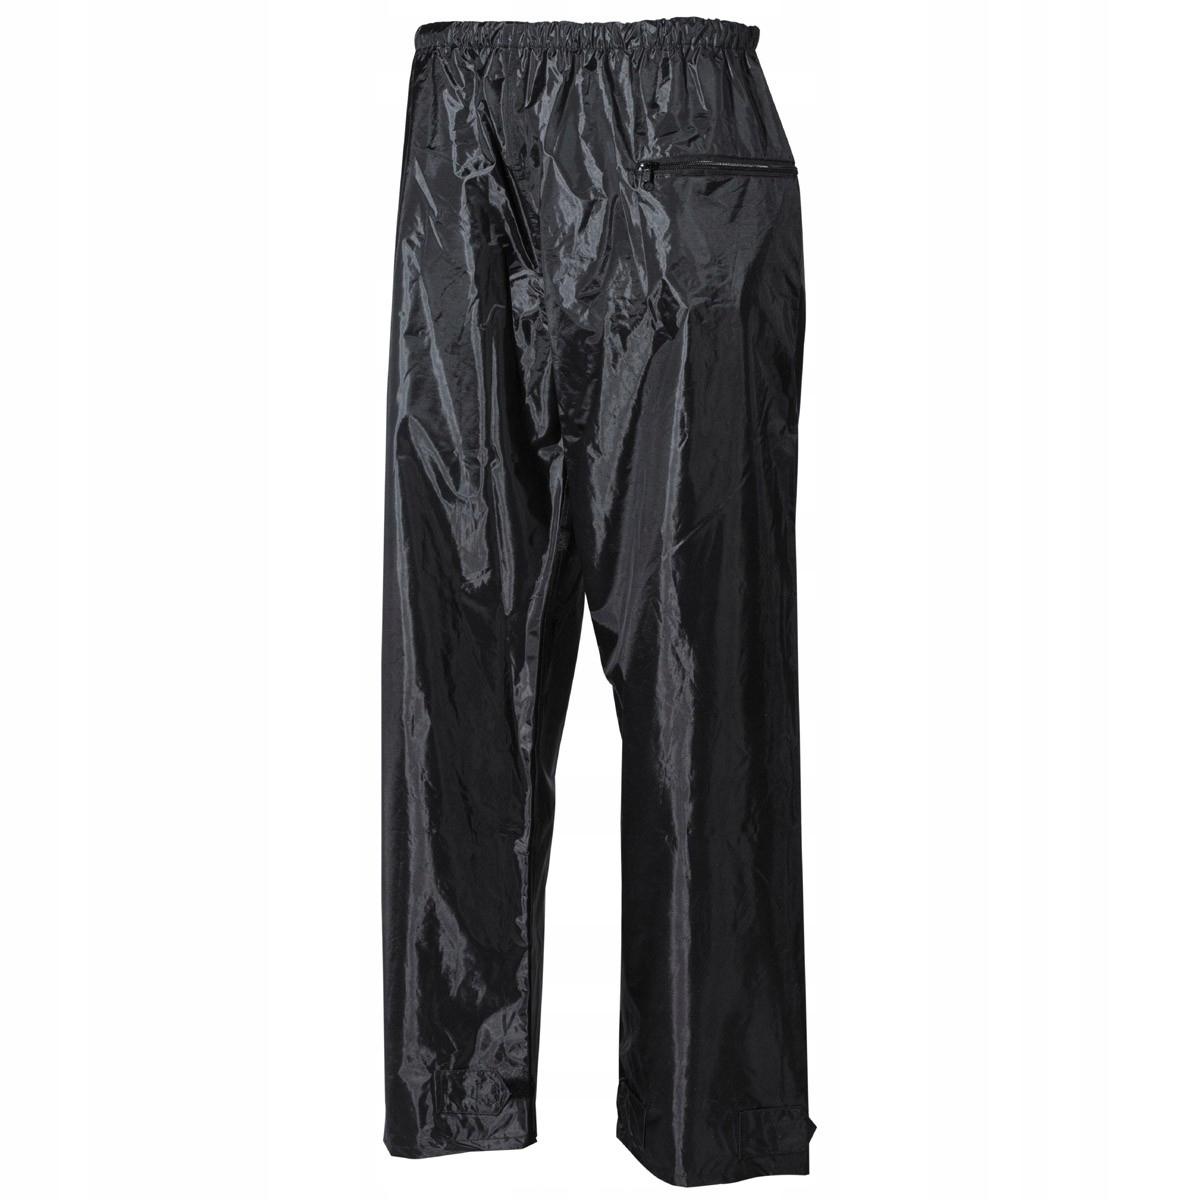 Nohavice, pršiplášte, polyester PVC, čierny